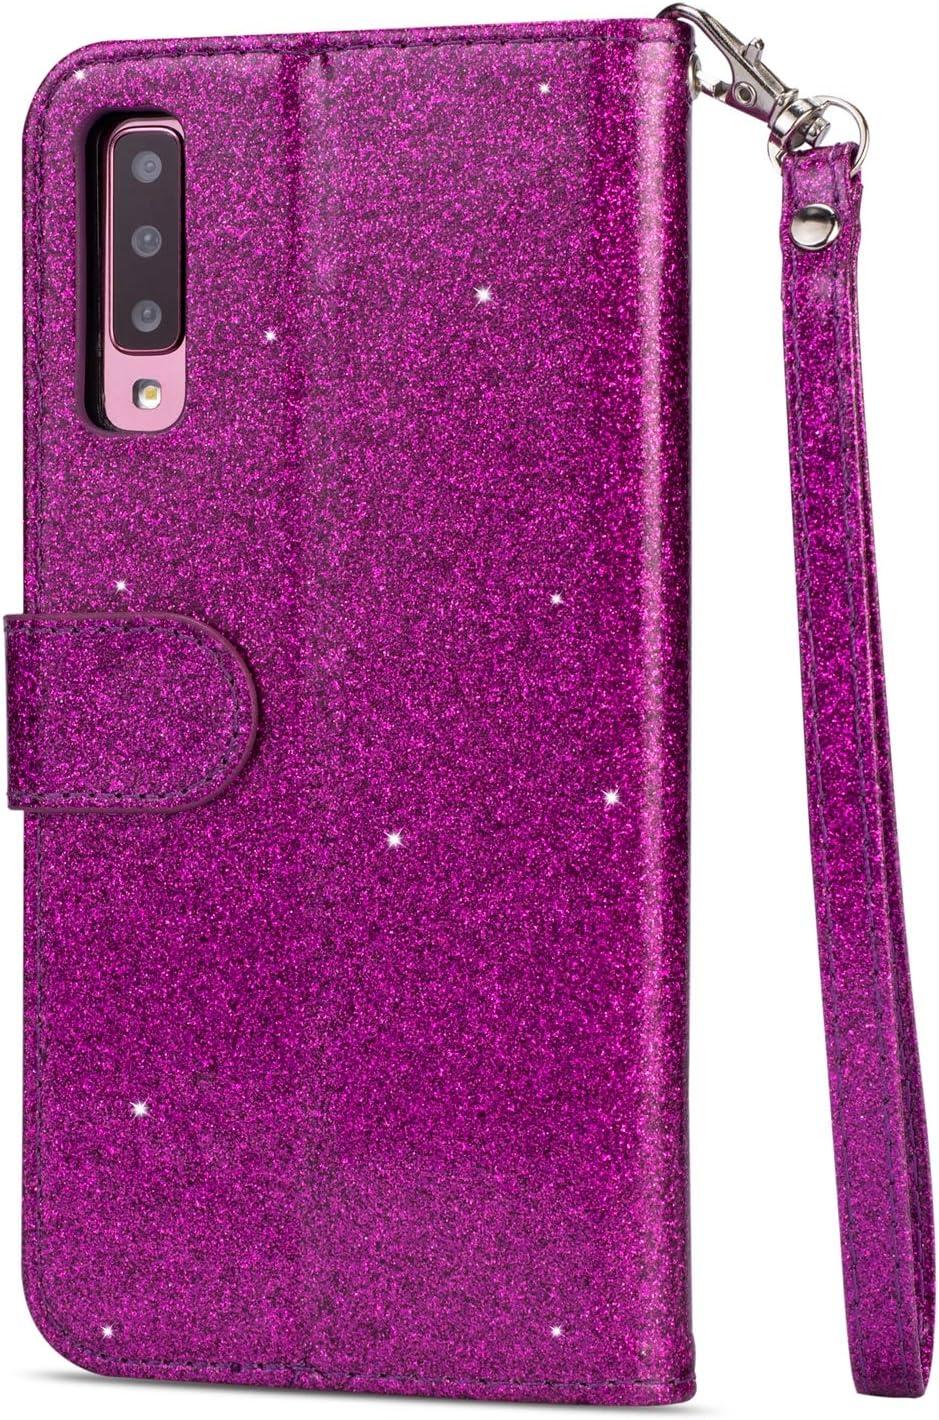 Rose Gold Strass Corde PU Cuir Diamant Stand Porte-Monnaie Coque avec Fentes Cartes de Cr/édit Moiky Briller Clapet Coque pour Galaxy A7 2018 A750,Zipp/ée Etui pour Galaxy A7 2018 A750